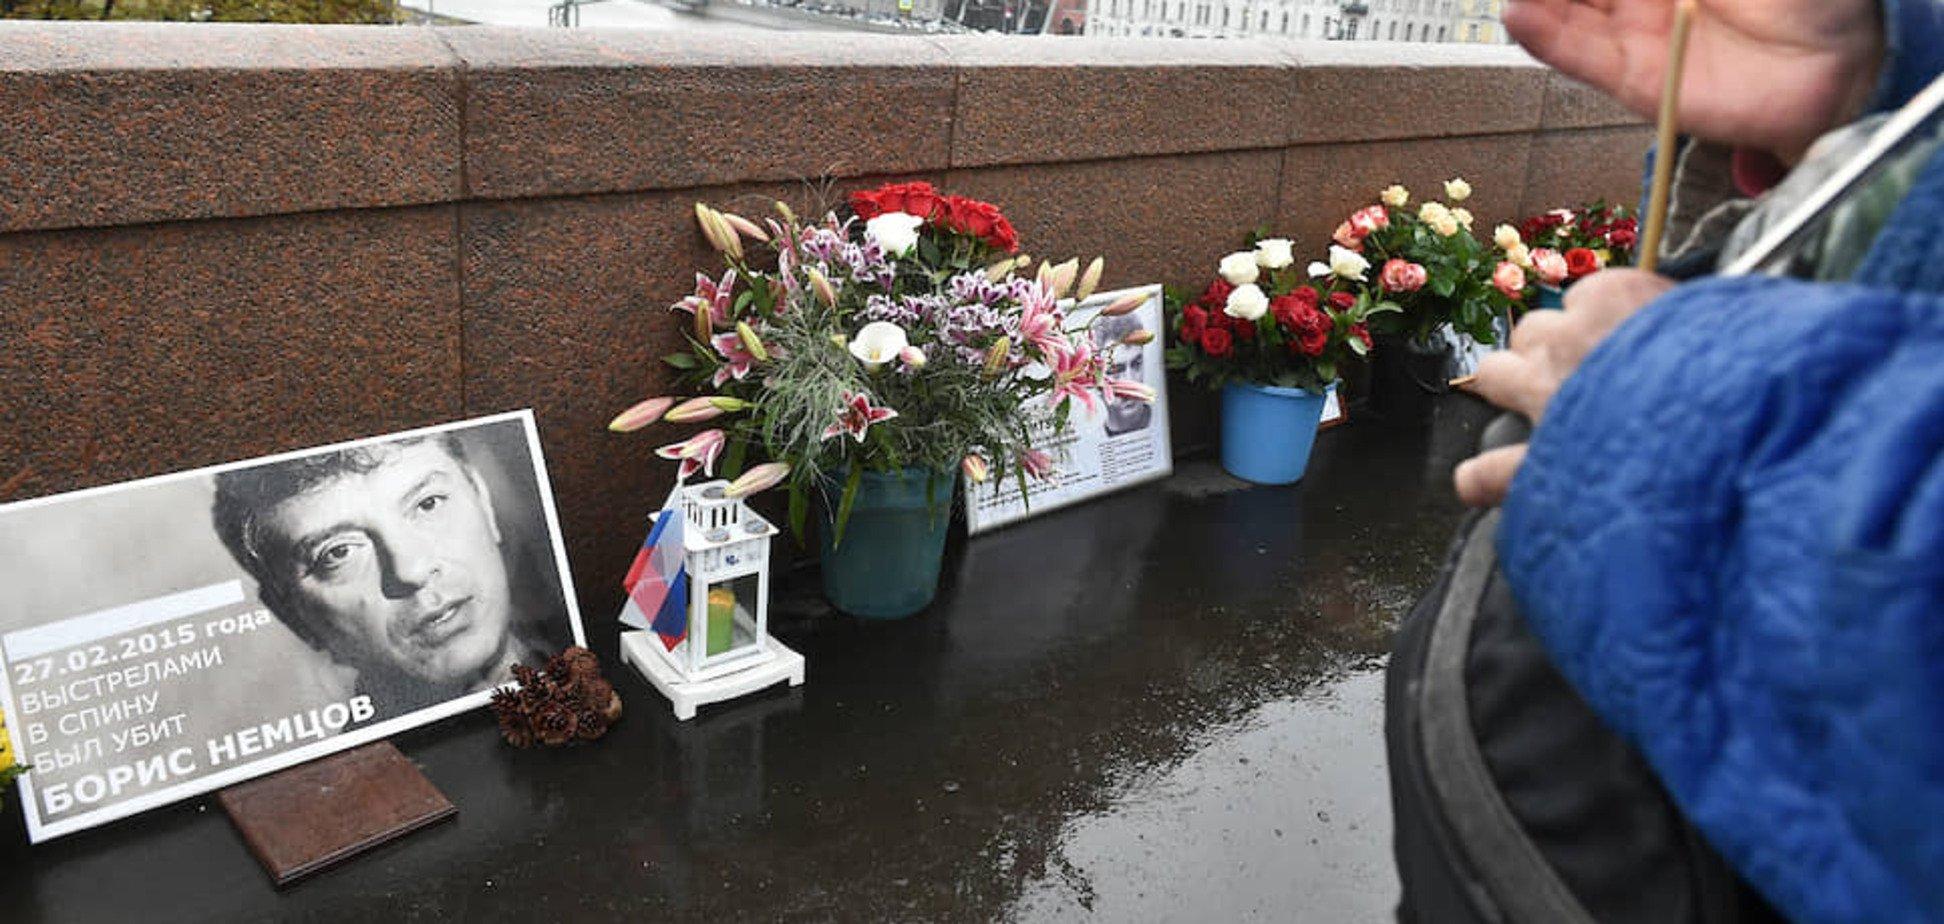 Кто заказал убийство Немцова: Путин или Кадыров